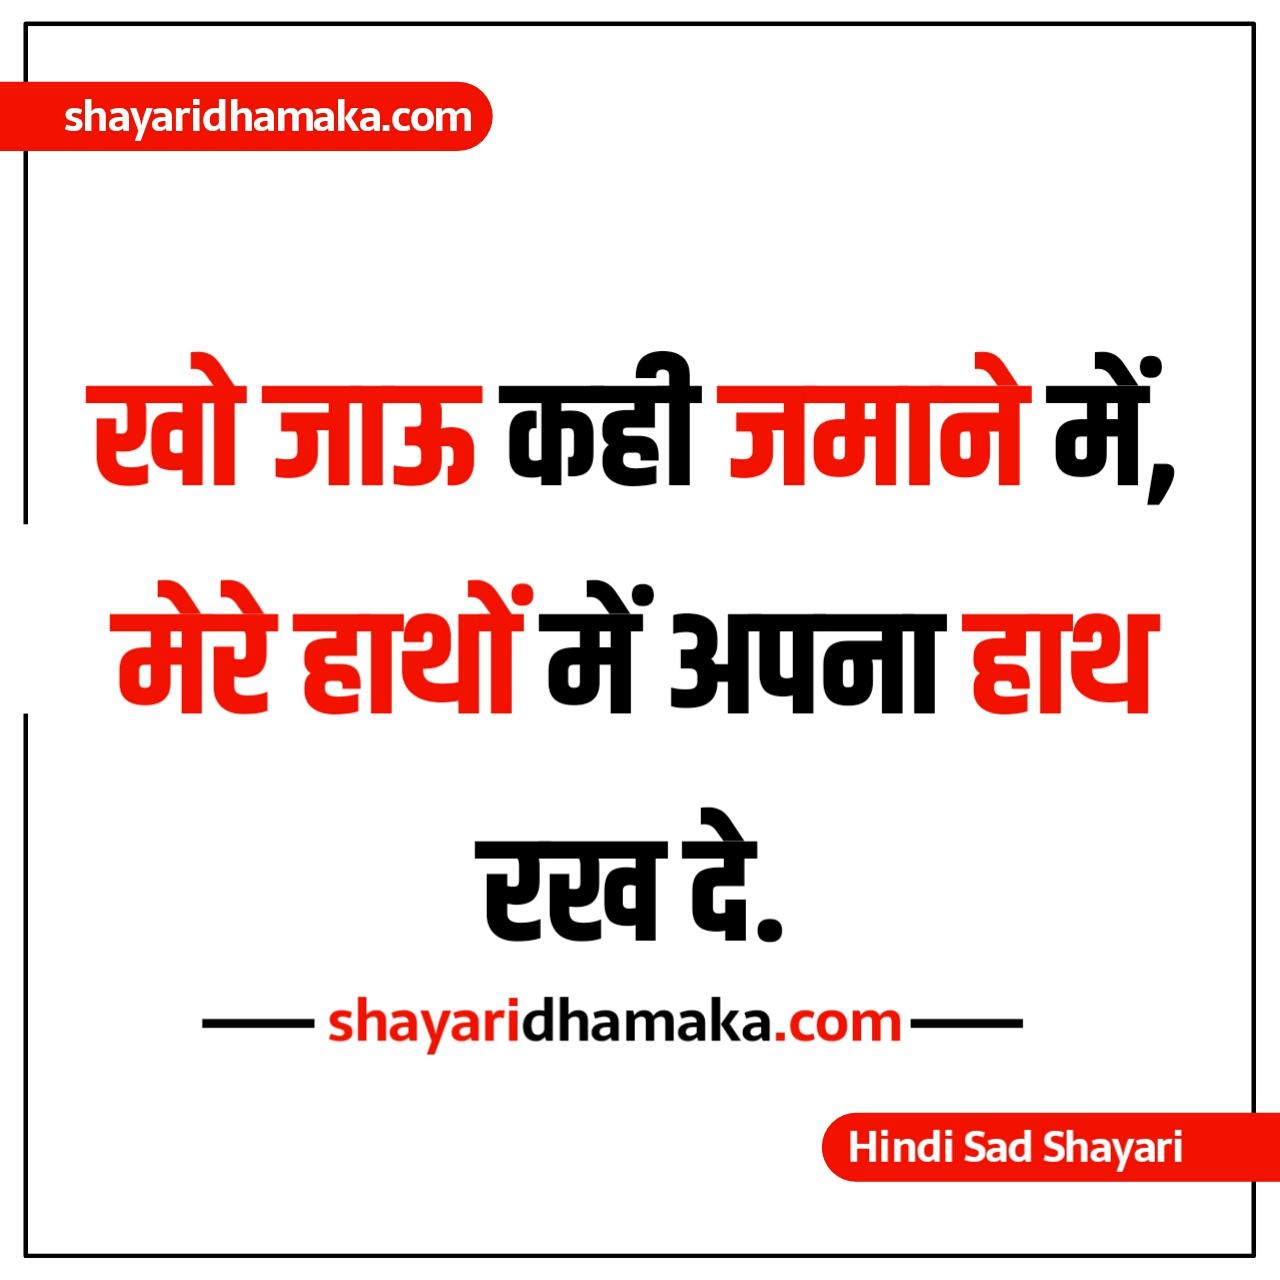 खो जाऊ कही जमाने में - Hindi Sad Shayari